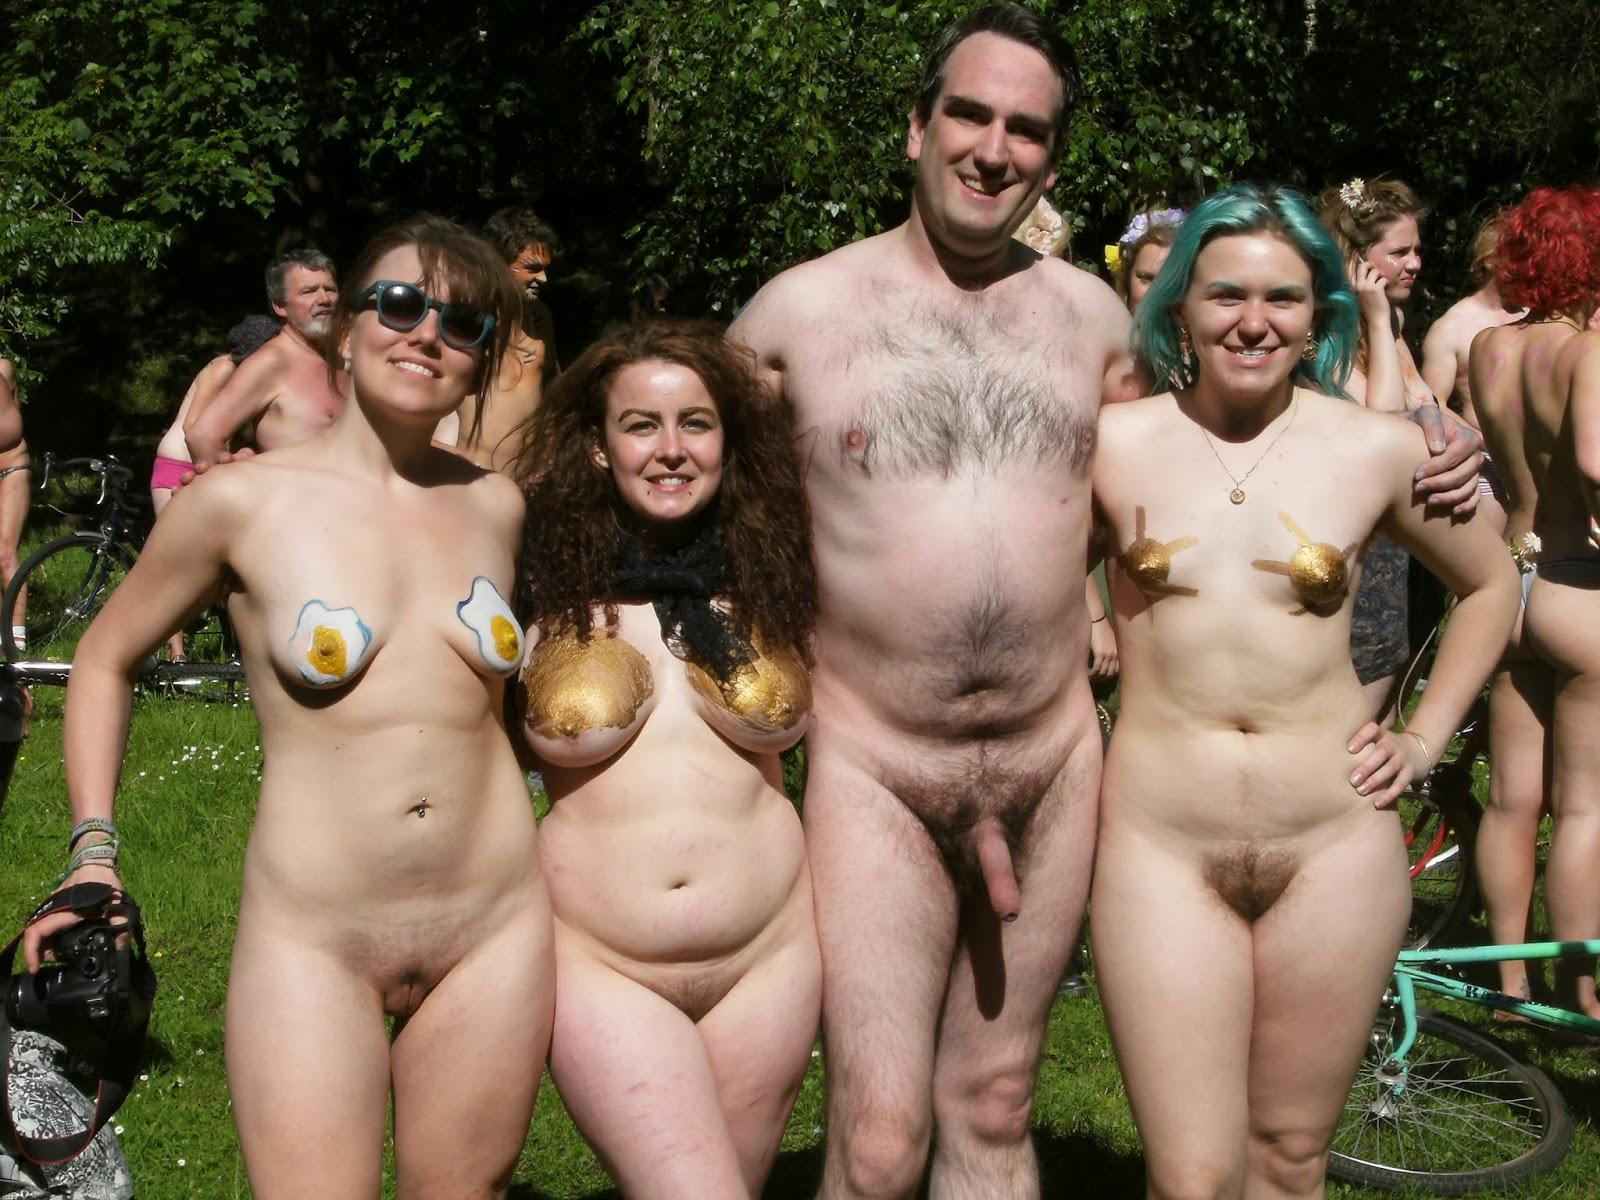 Семьи нудисток смотреть, Семья нудистов: порно видео онлайн, смотреть порно 3 фотография